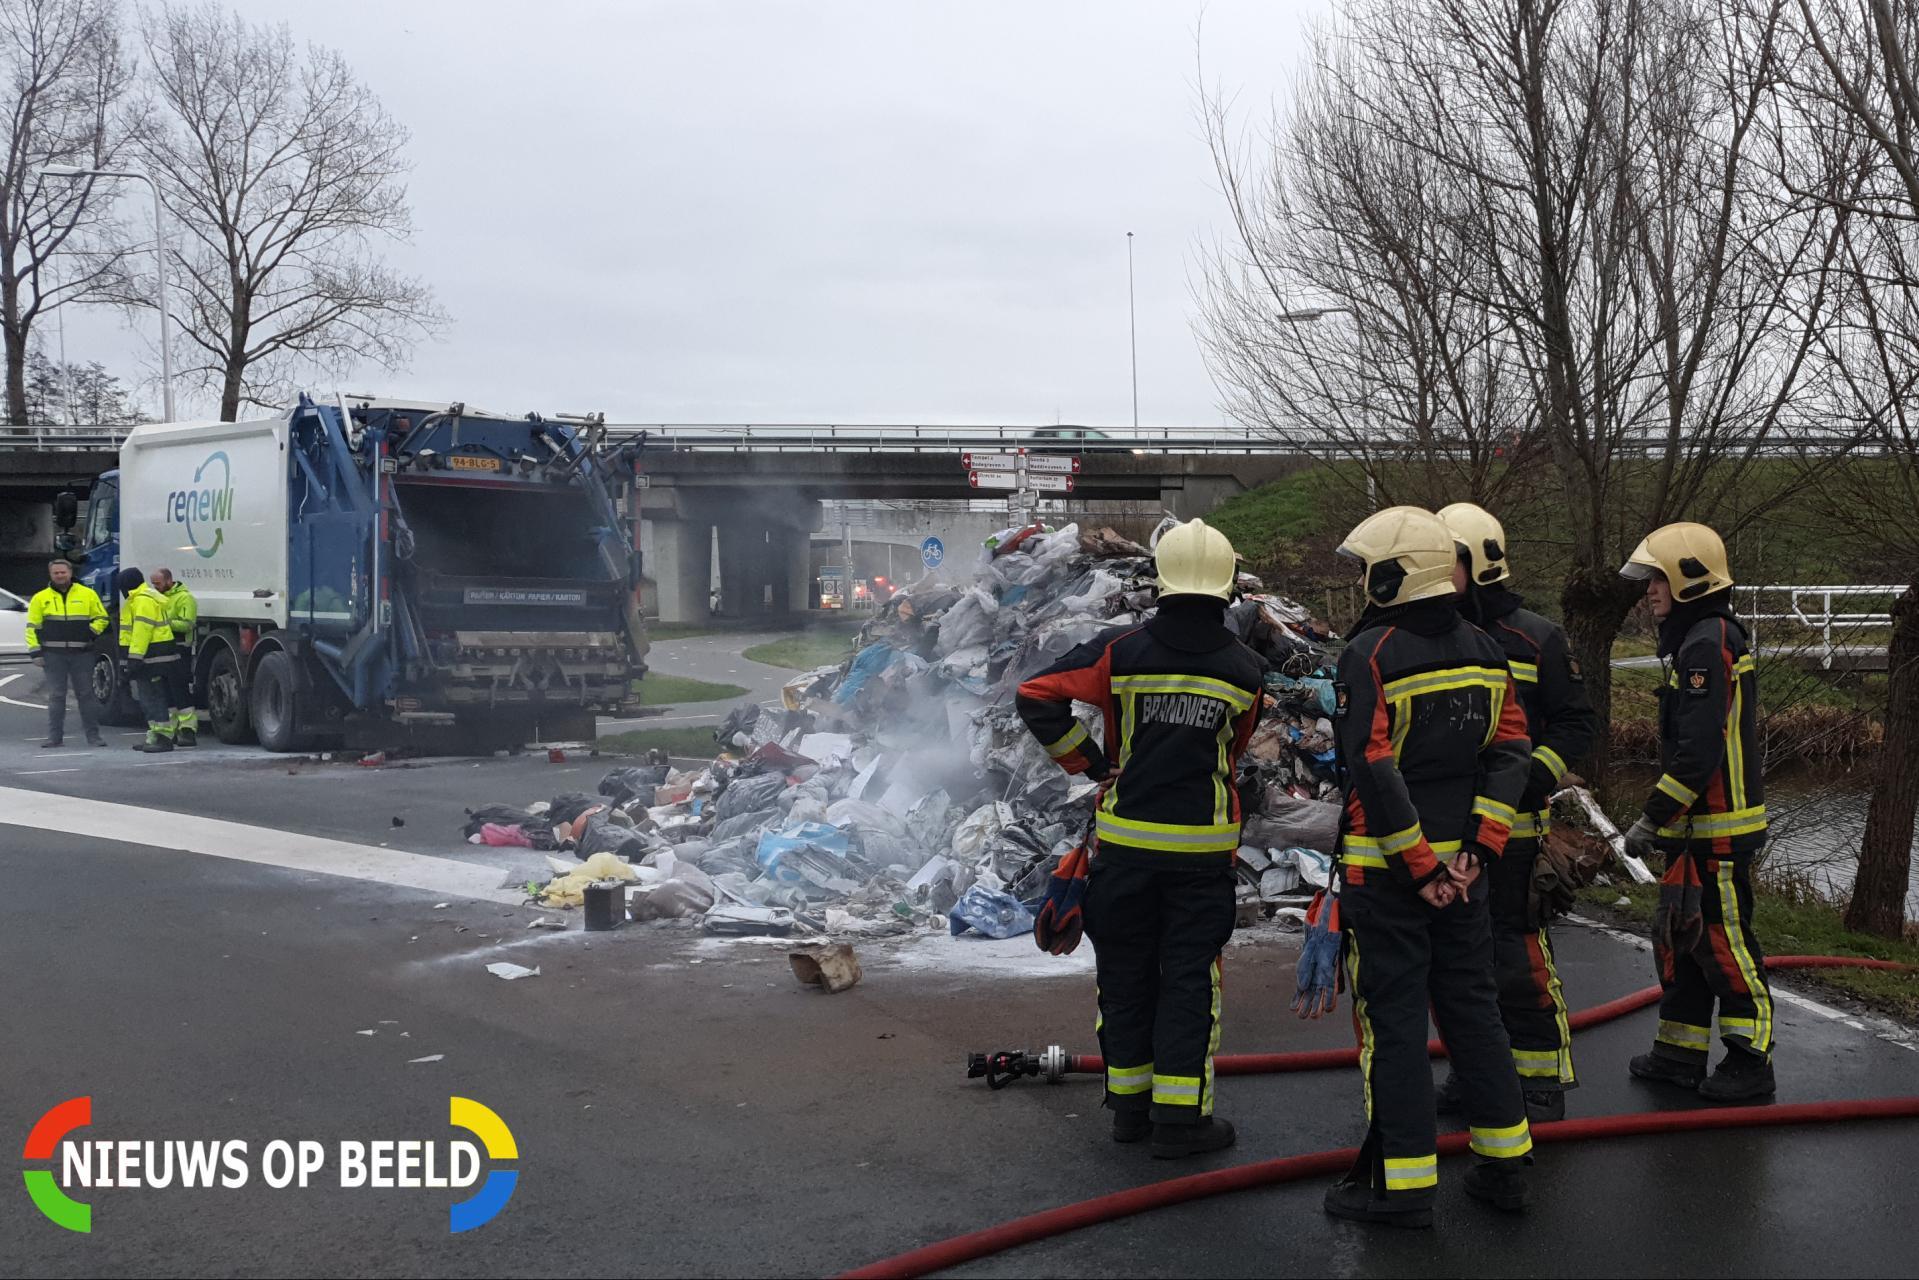 Vuilniswagen kiept smeulend afval op straat Nieuwdorperweg Reeuwijk